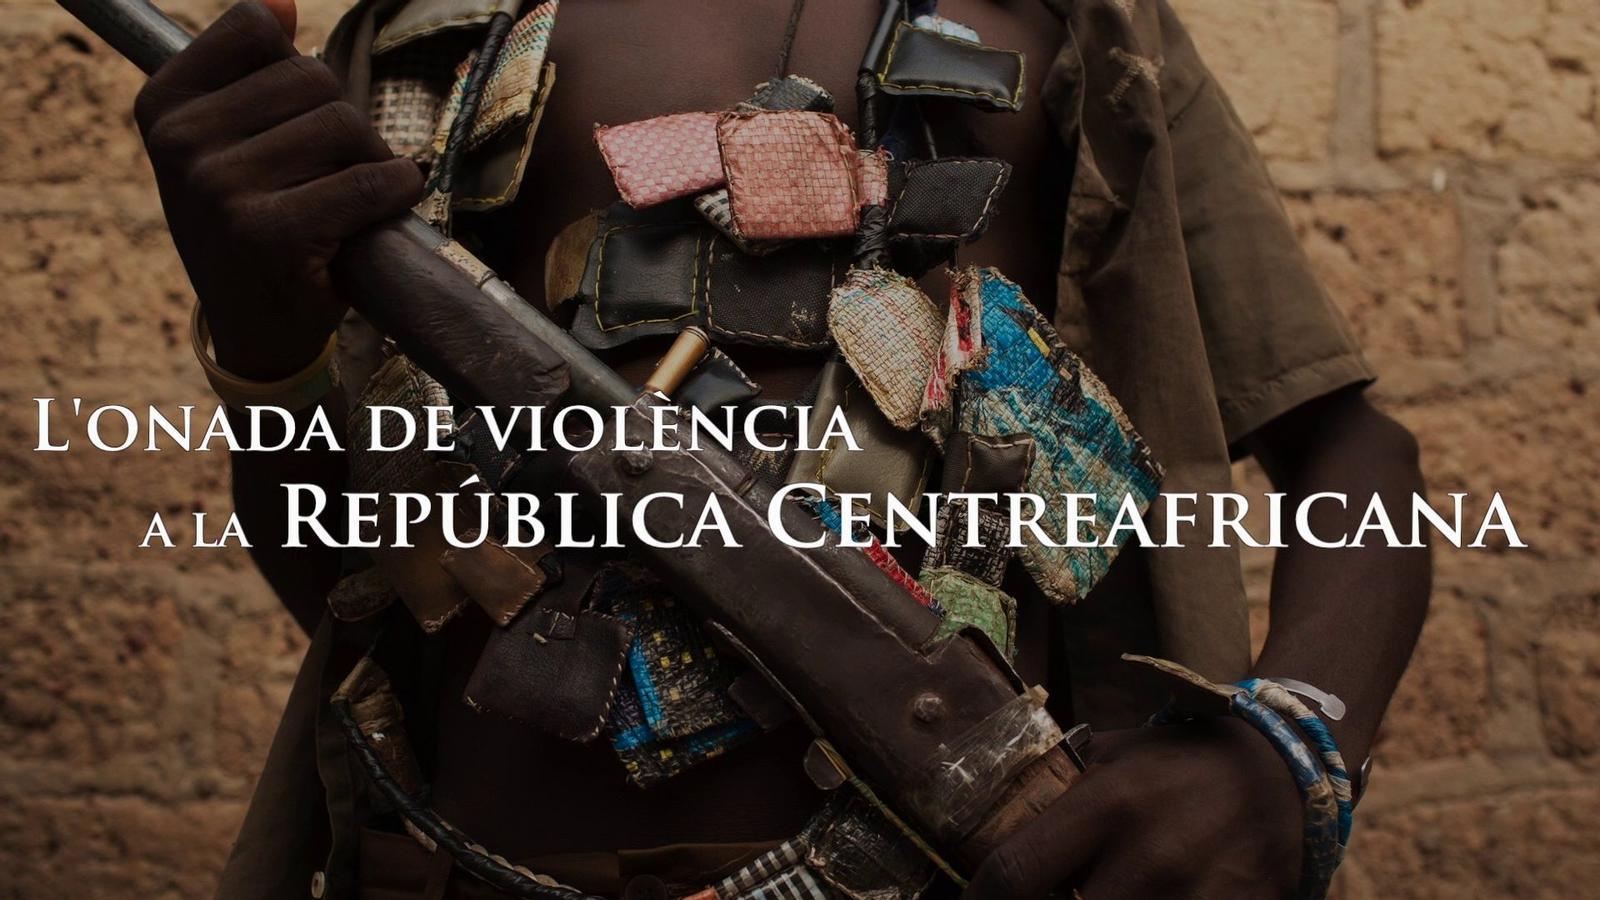 L'onada de violència a la República Centreafricana